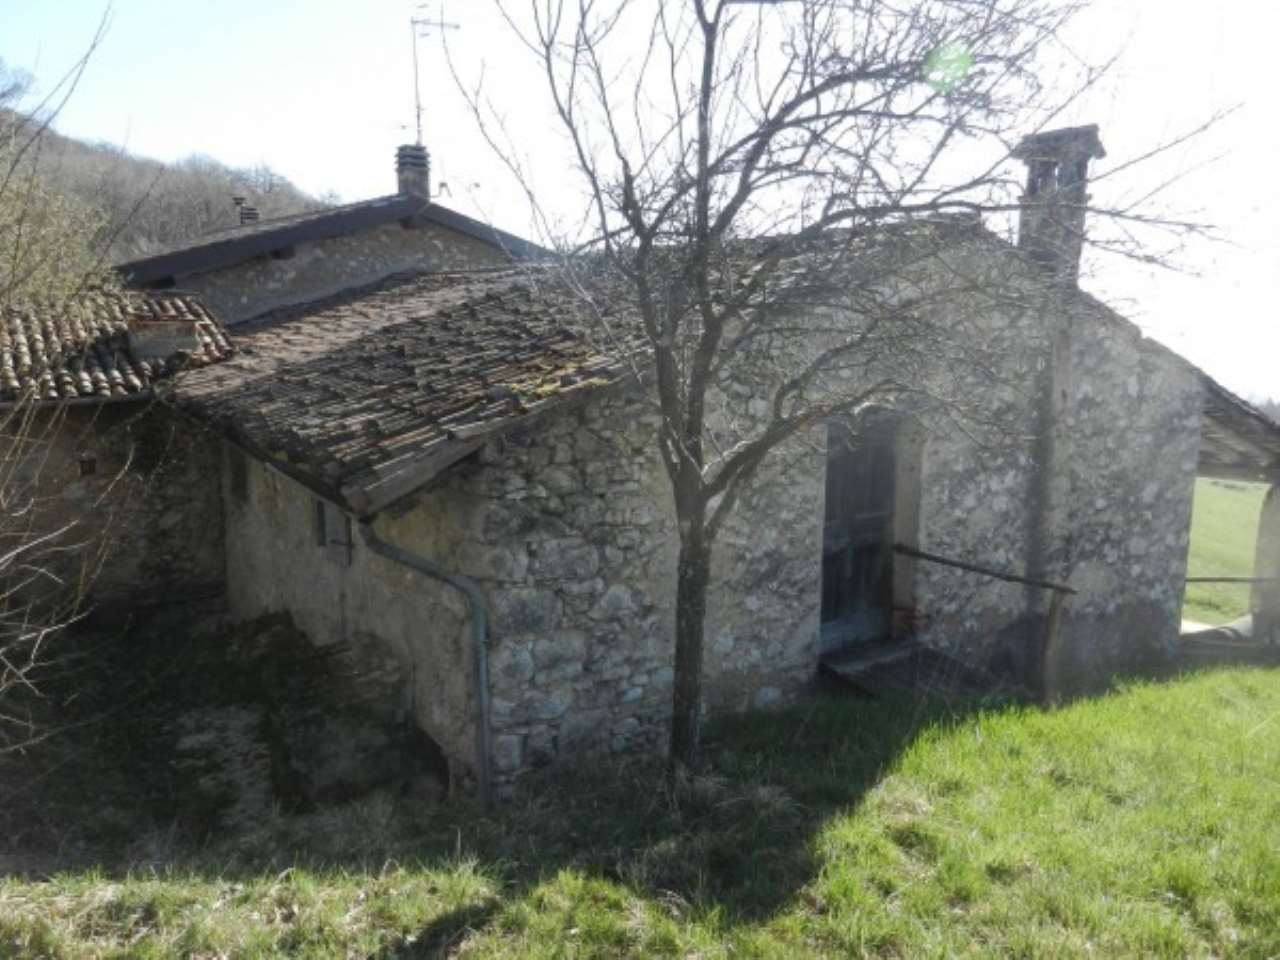 Rustico / Casale in vendita a Paitone, 5 locali, prezzo € 190.000 | Cambio Casa.it